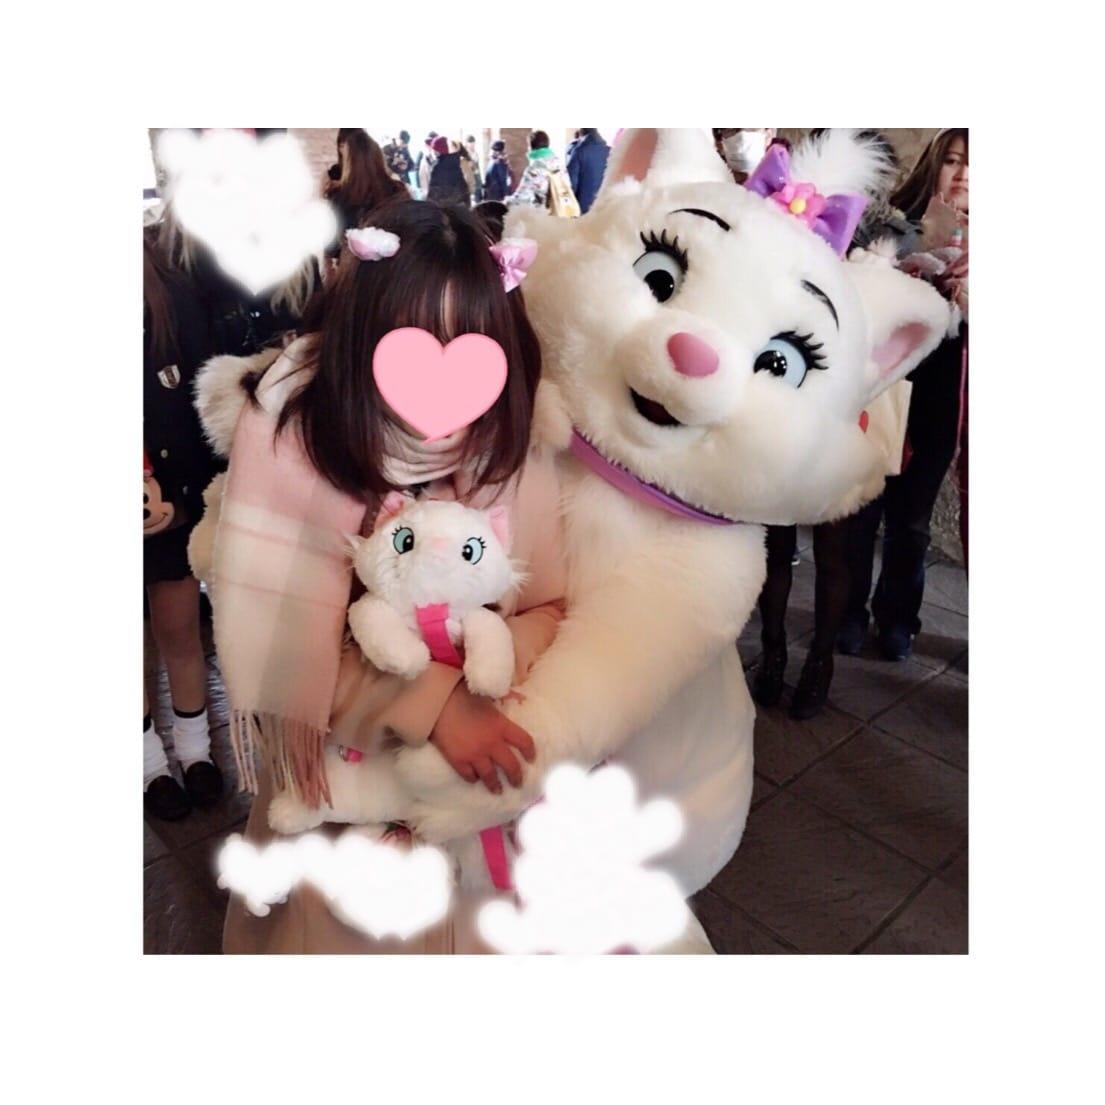 「こんばんは( ^ω^ )」02/26(月) 20:55   チカの写メ・風俗動画